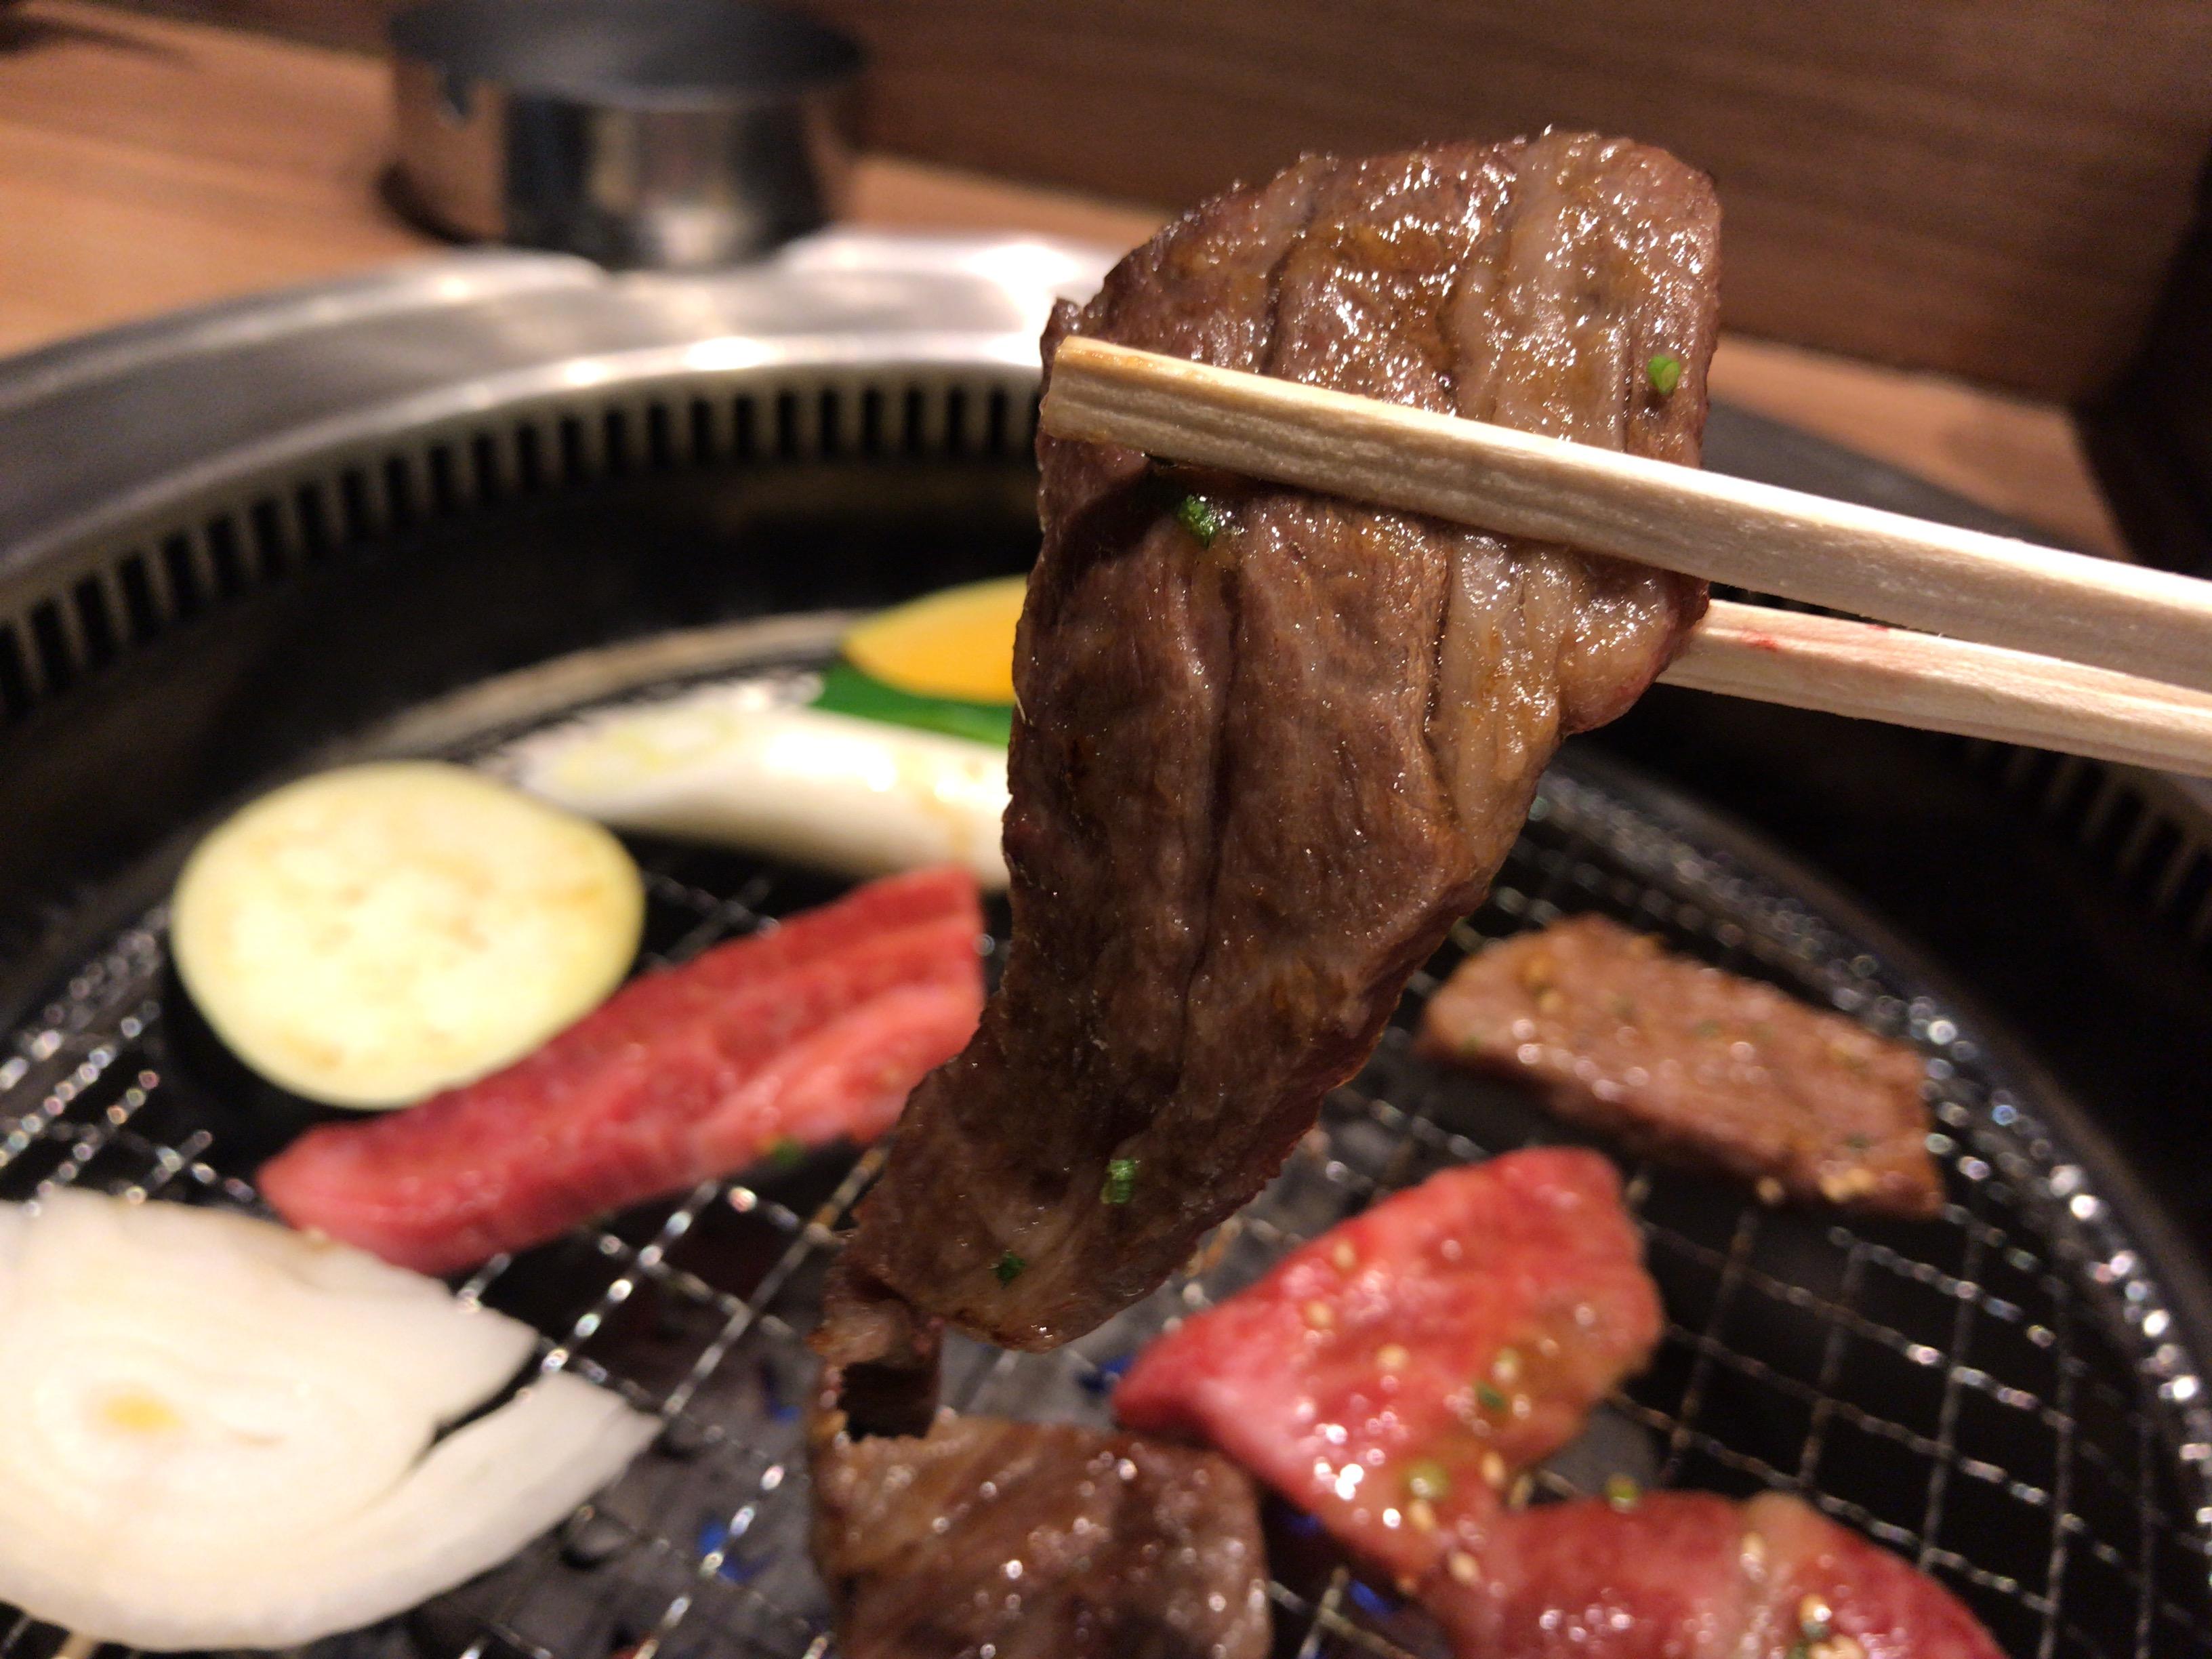 焼肉ホルモン将福の焼きたての肉